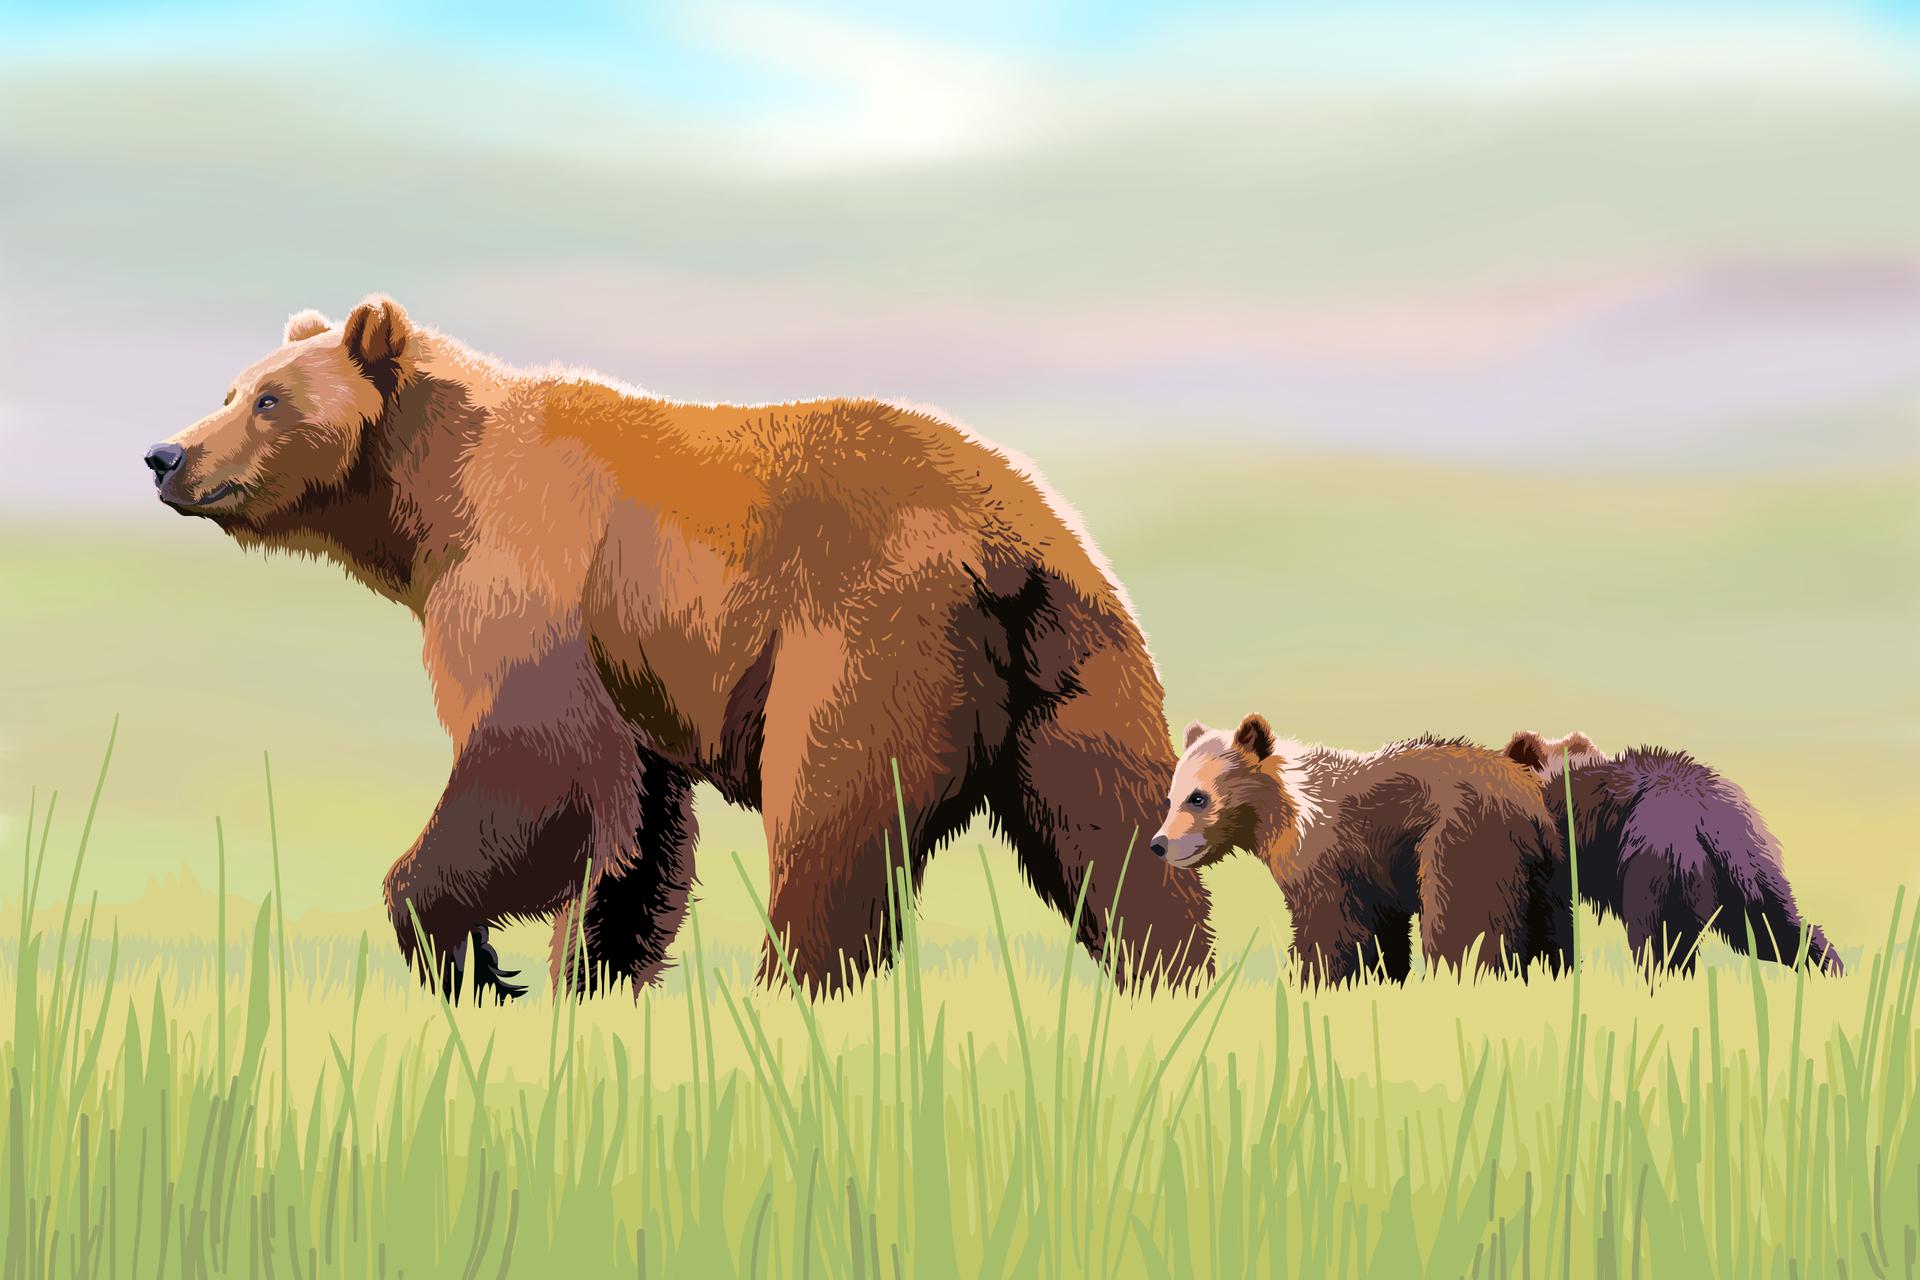 Grafika komputerowa prezentująca niedźwiedzicę zdwoma młodymi niedźwiadkami podążającymi za nią.